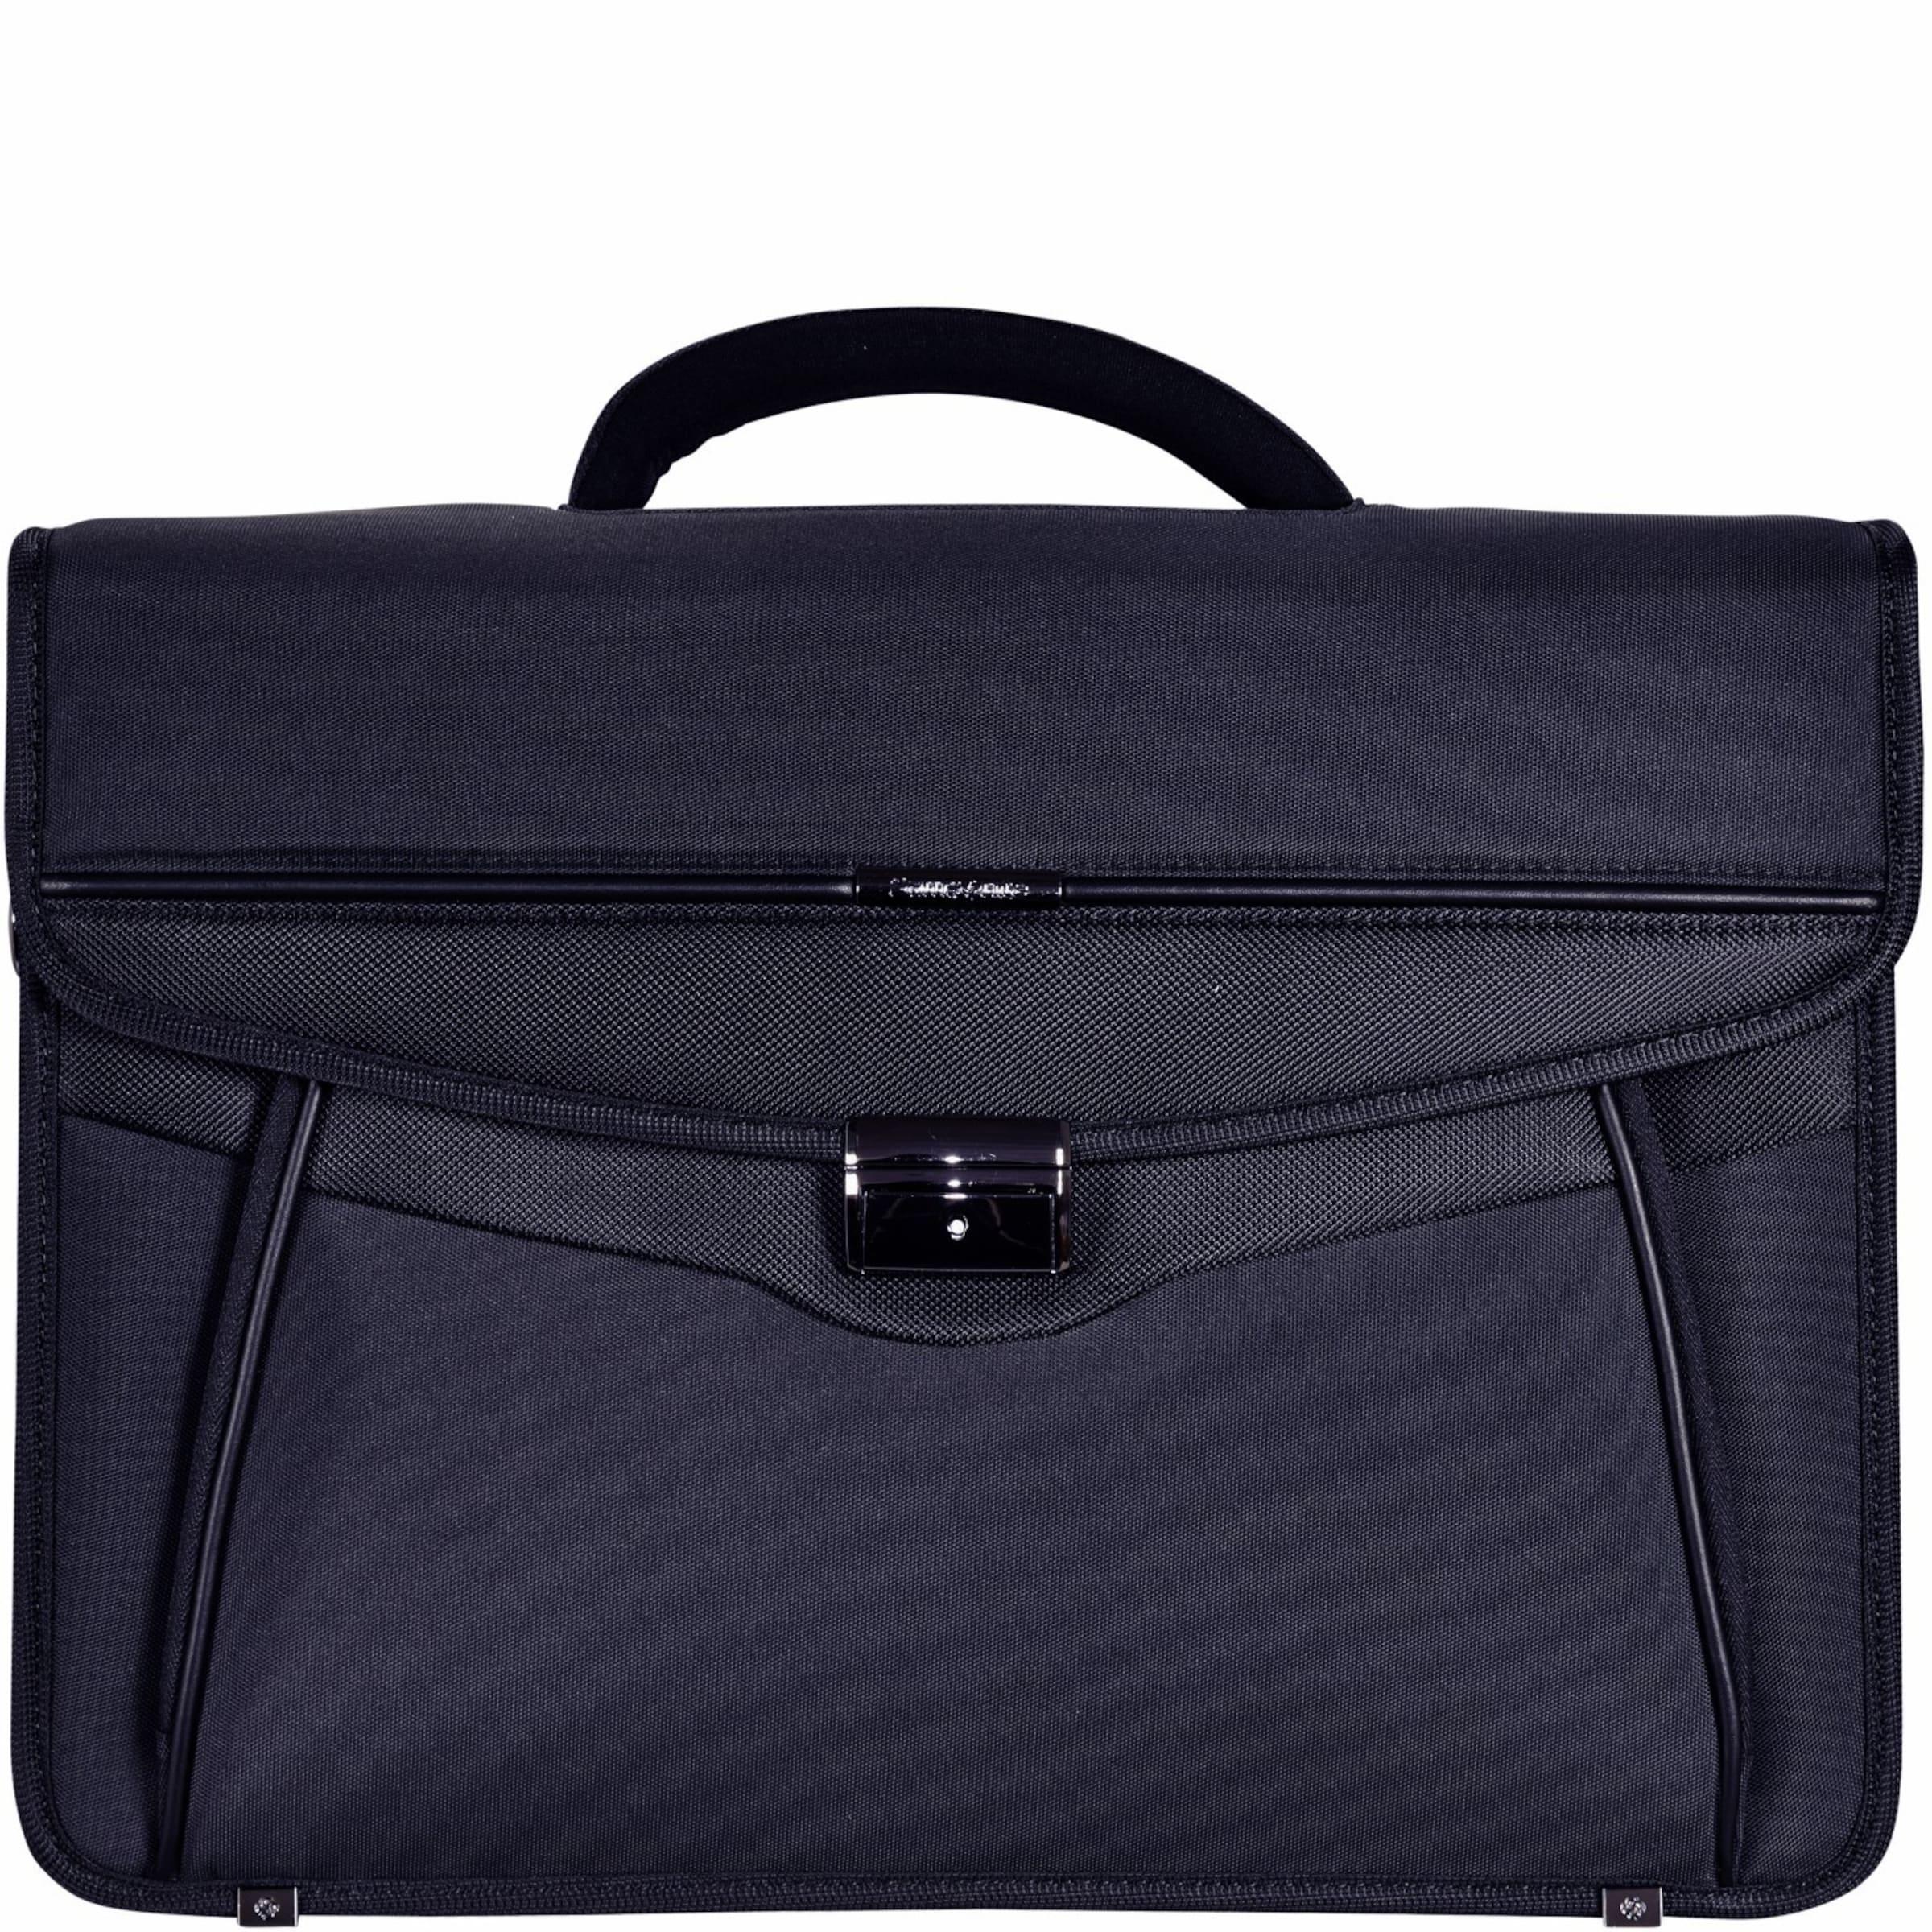 Freies Verschiffen Zahlen Mit Paypal SAMSONITE Desklite Aktentasche Briefcase 42 cm Laptopfach Verkauf Besten Platz K0tW3